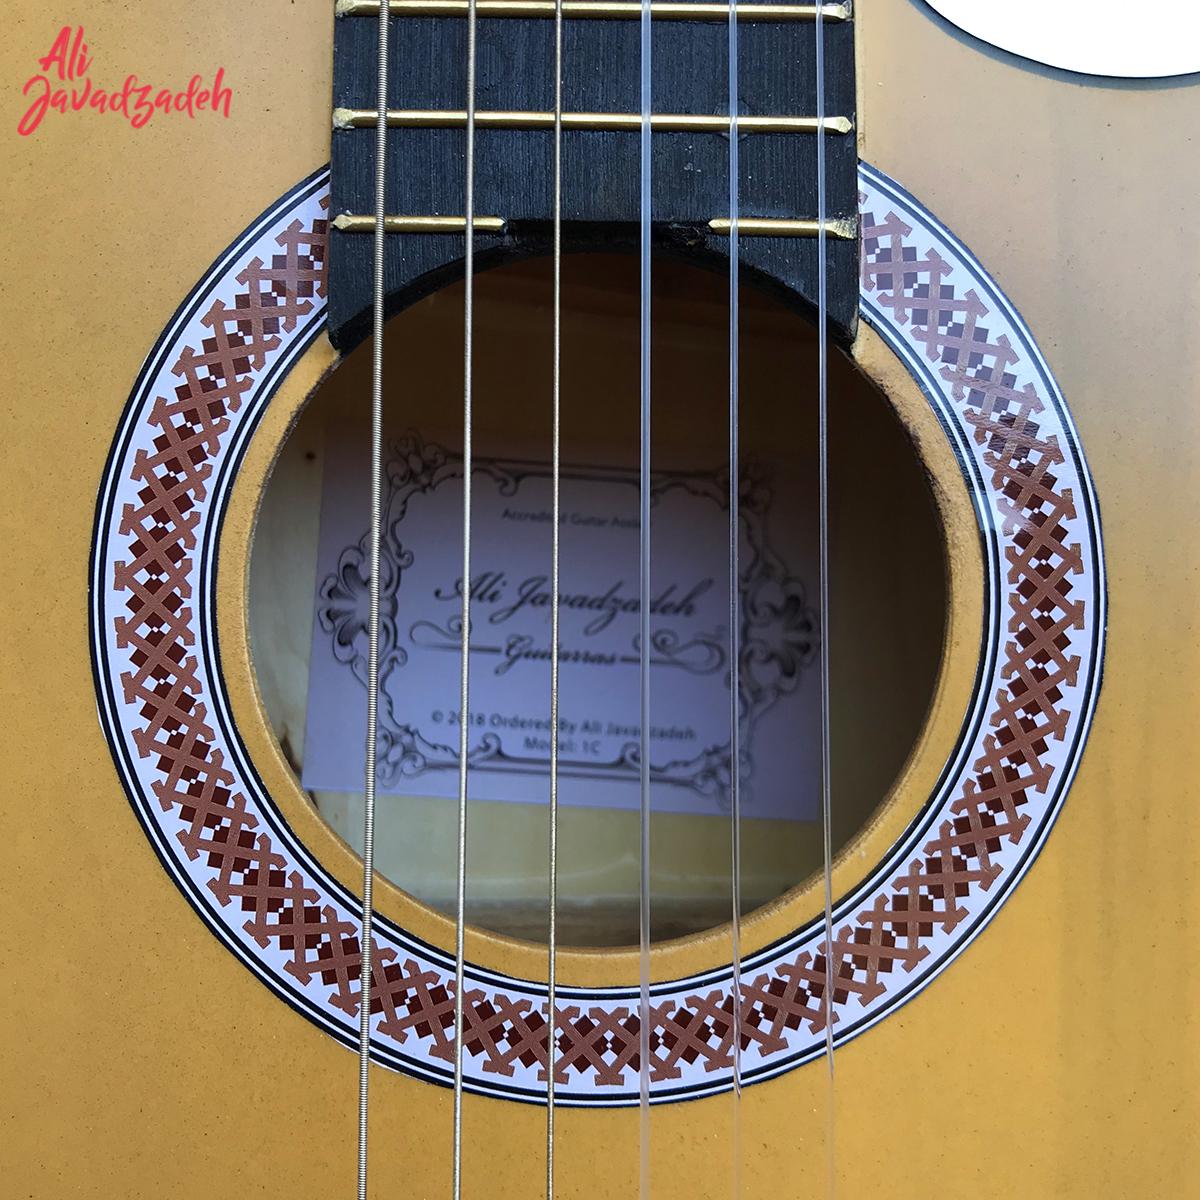 گیتار کلاسیک علی جوادزاده مدل 1C-24